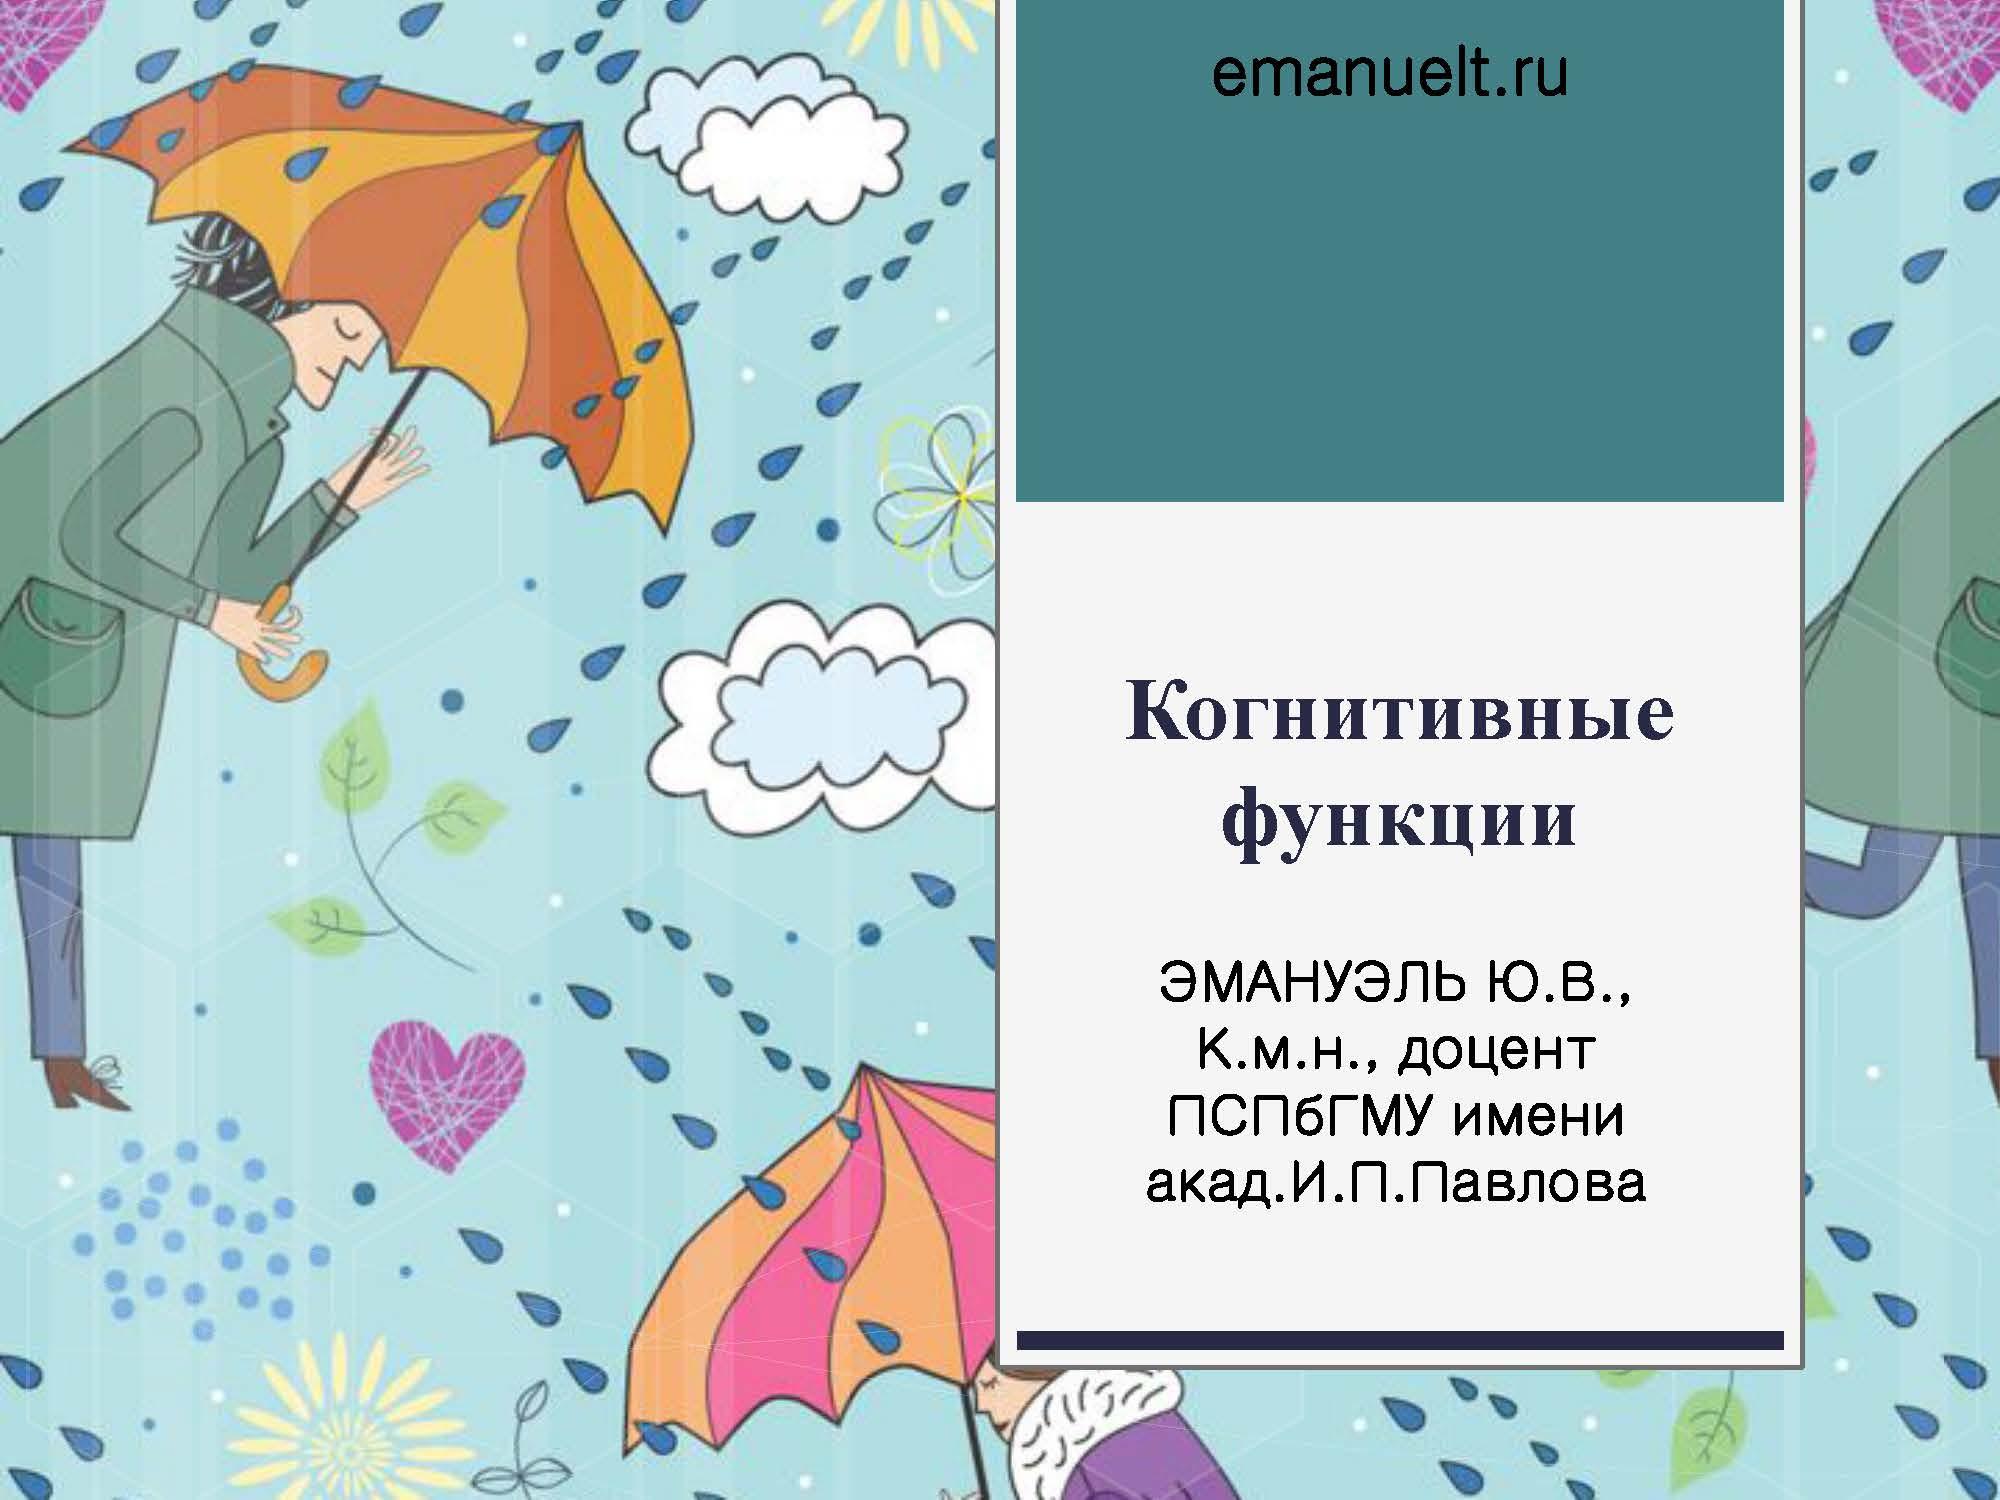 Секция 8. ЭЮВ. СПбГМУ.  26.03_Страница_01